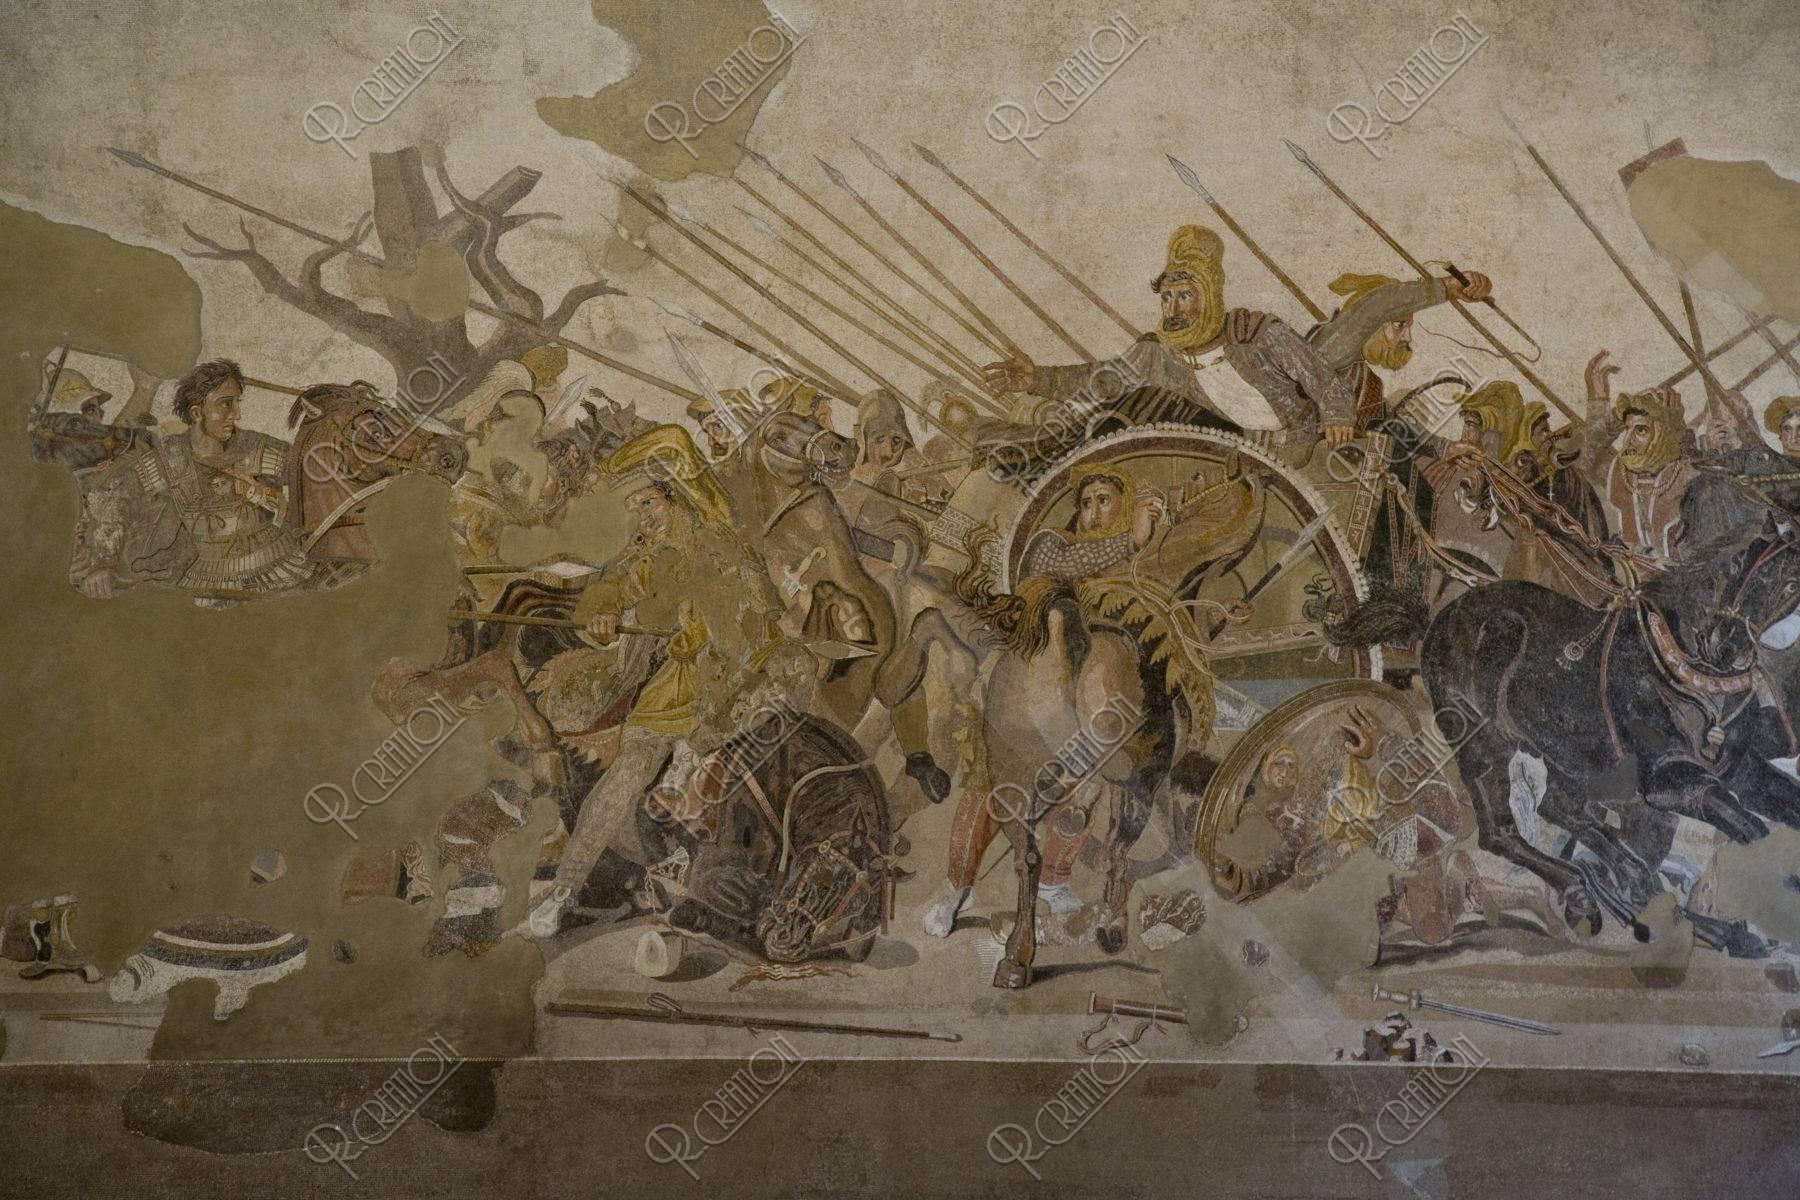 ナポリ考古学博物館内部